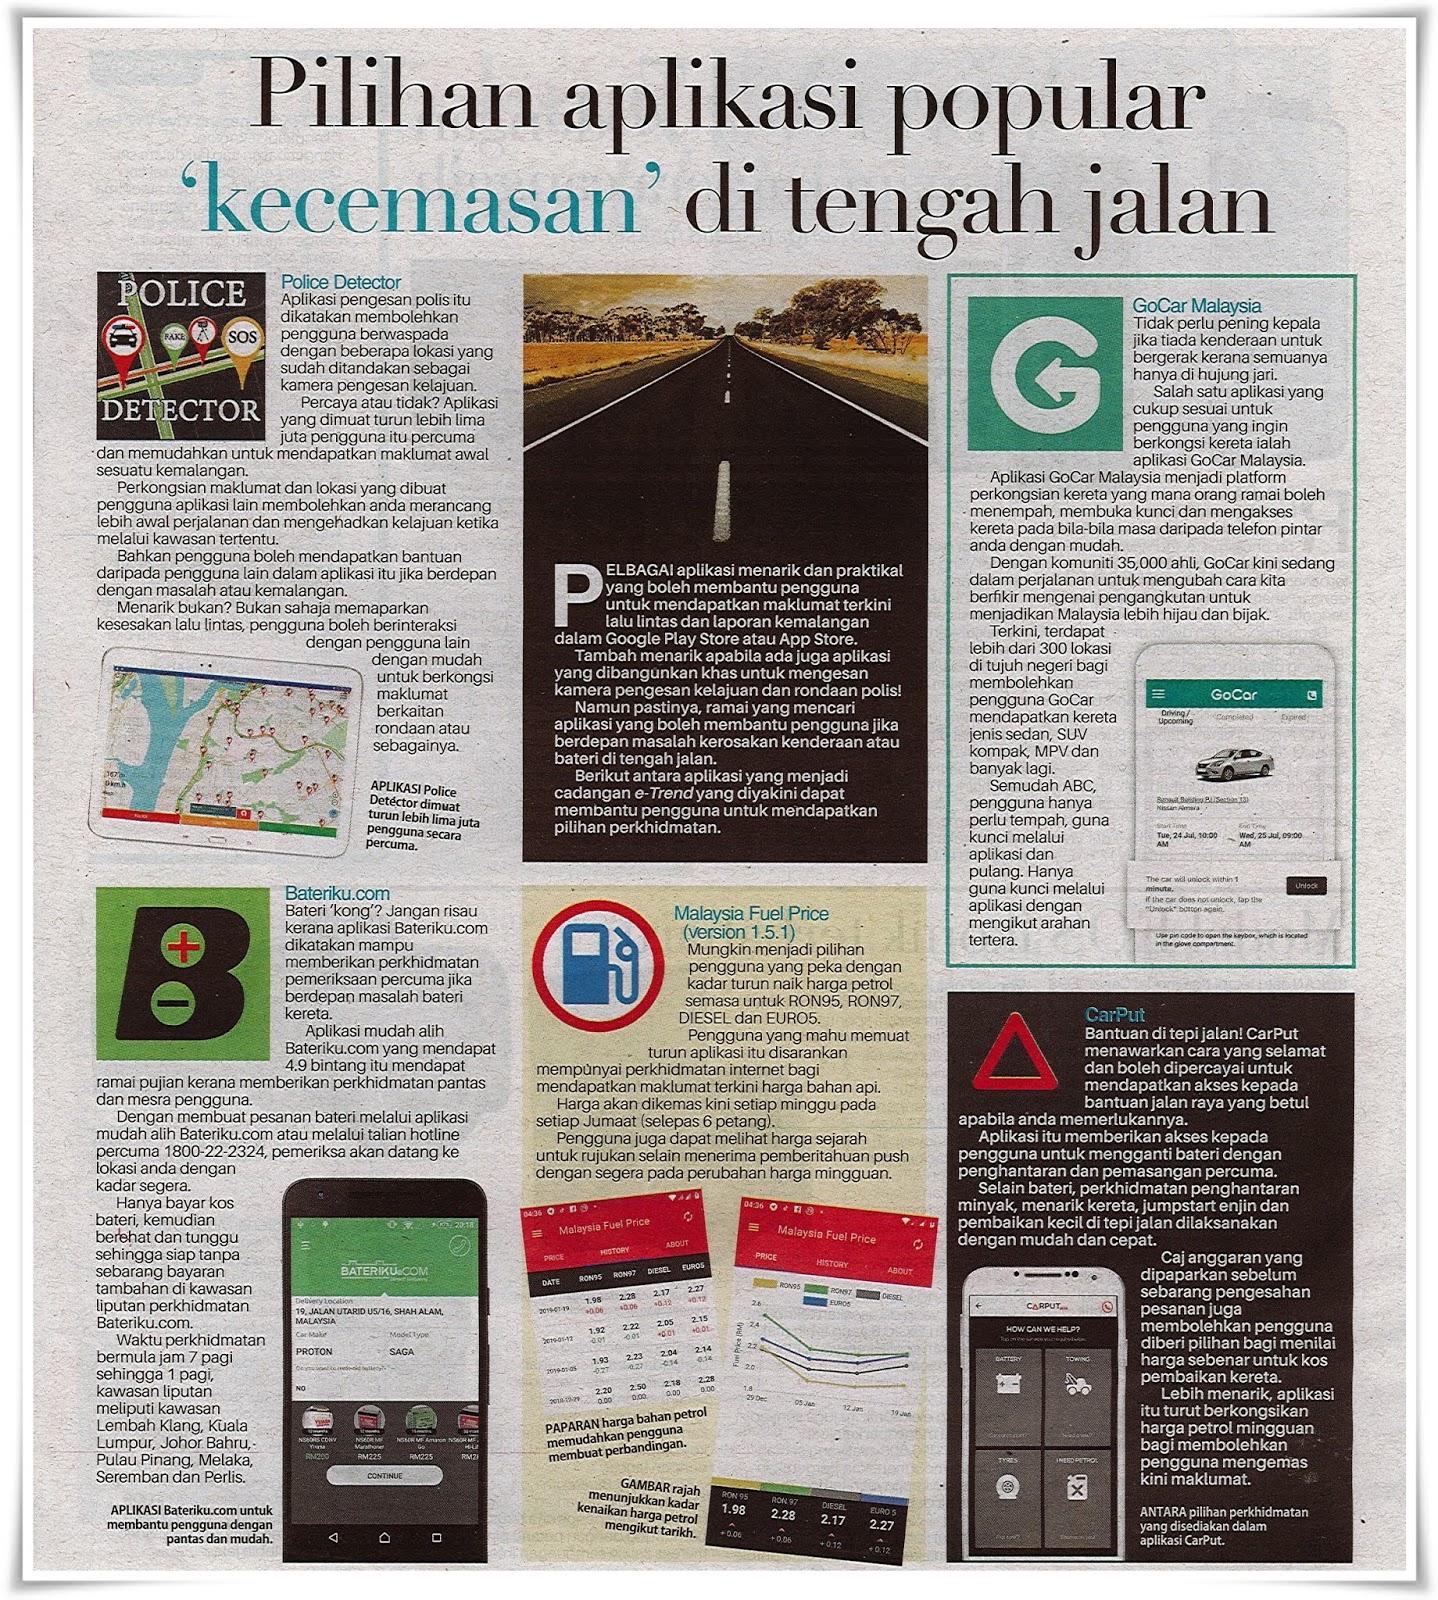 Pilihan aplikasi popular 'kecemasan' di tengah jalan